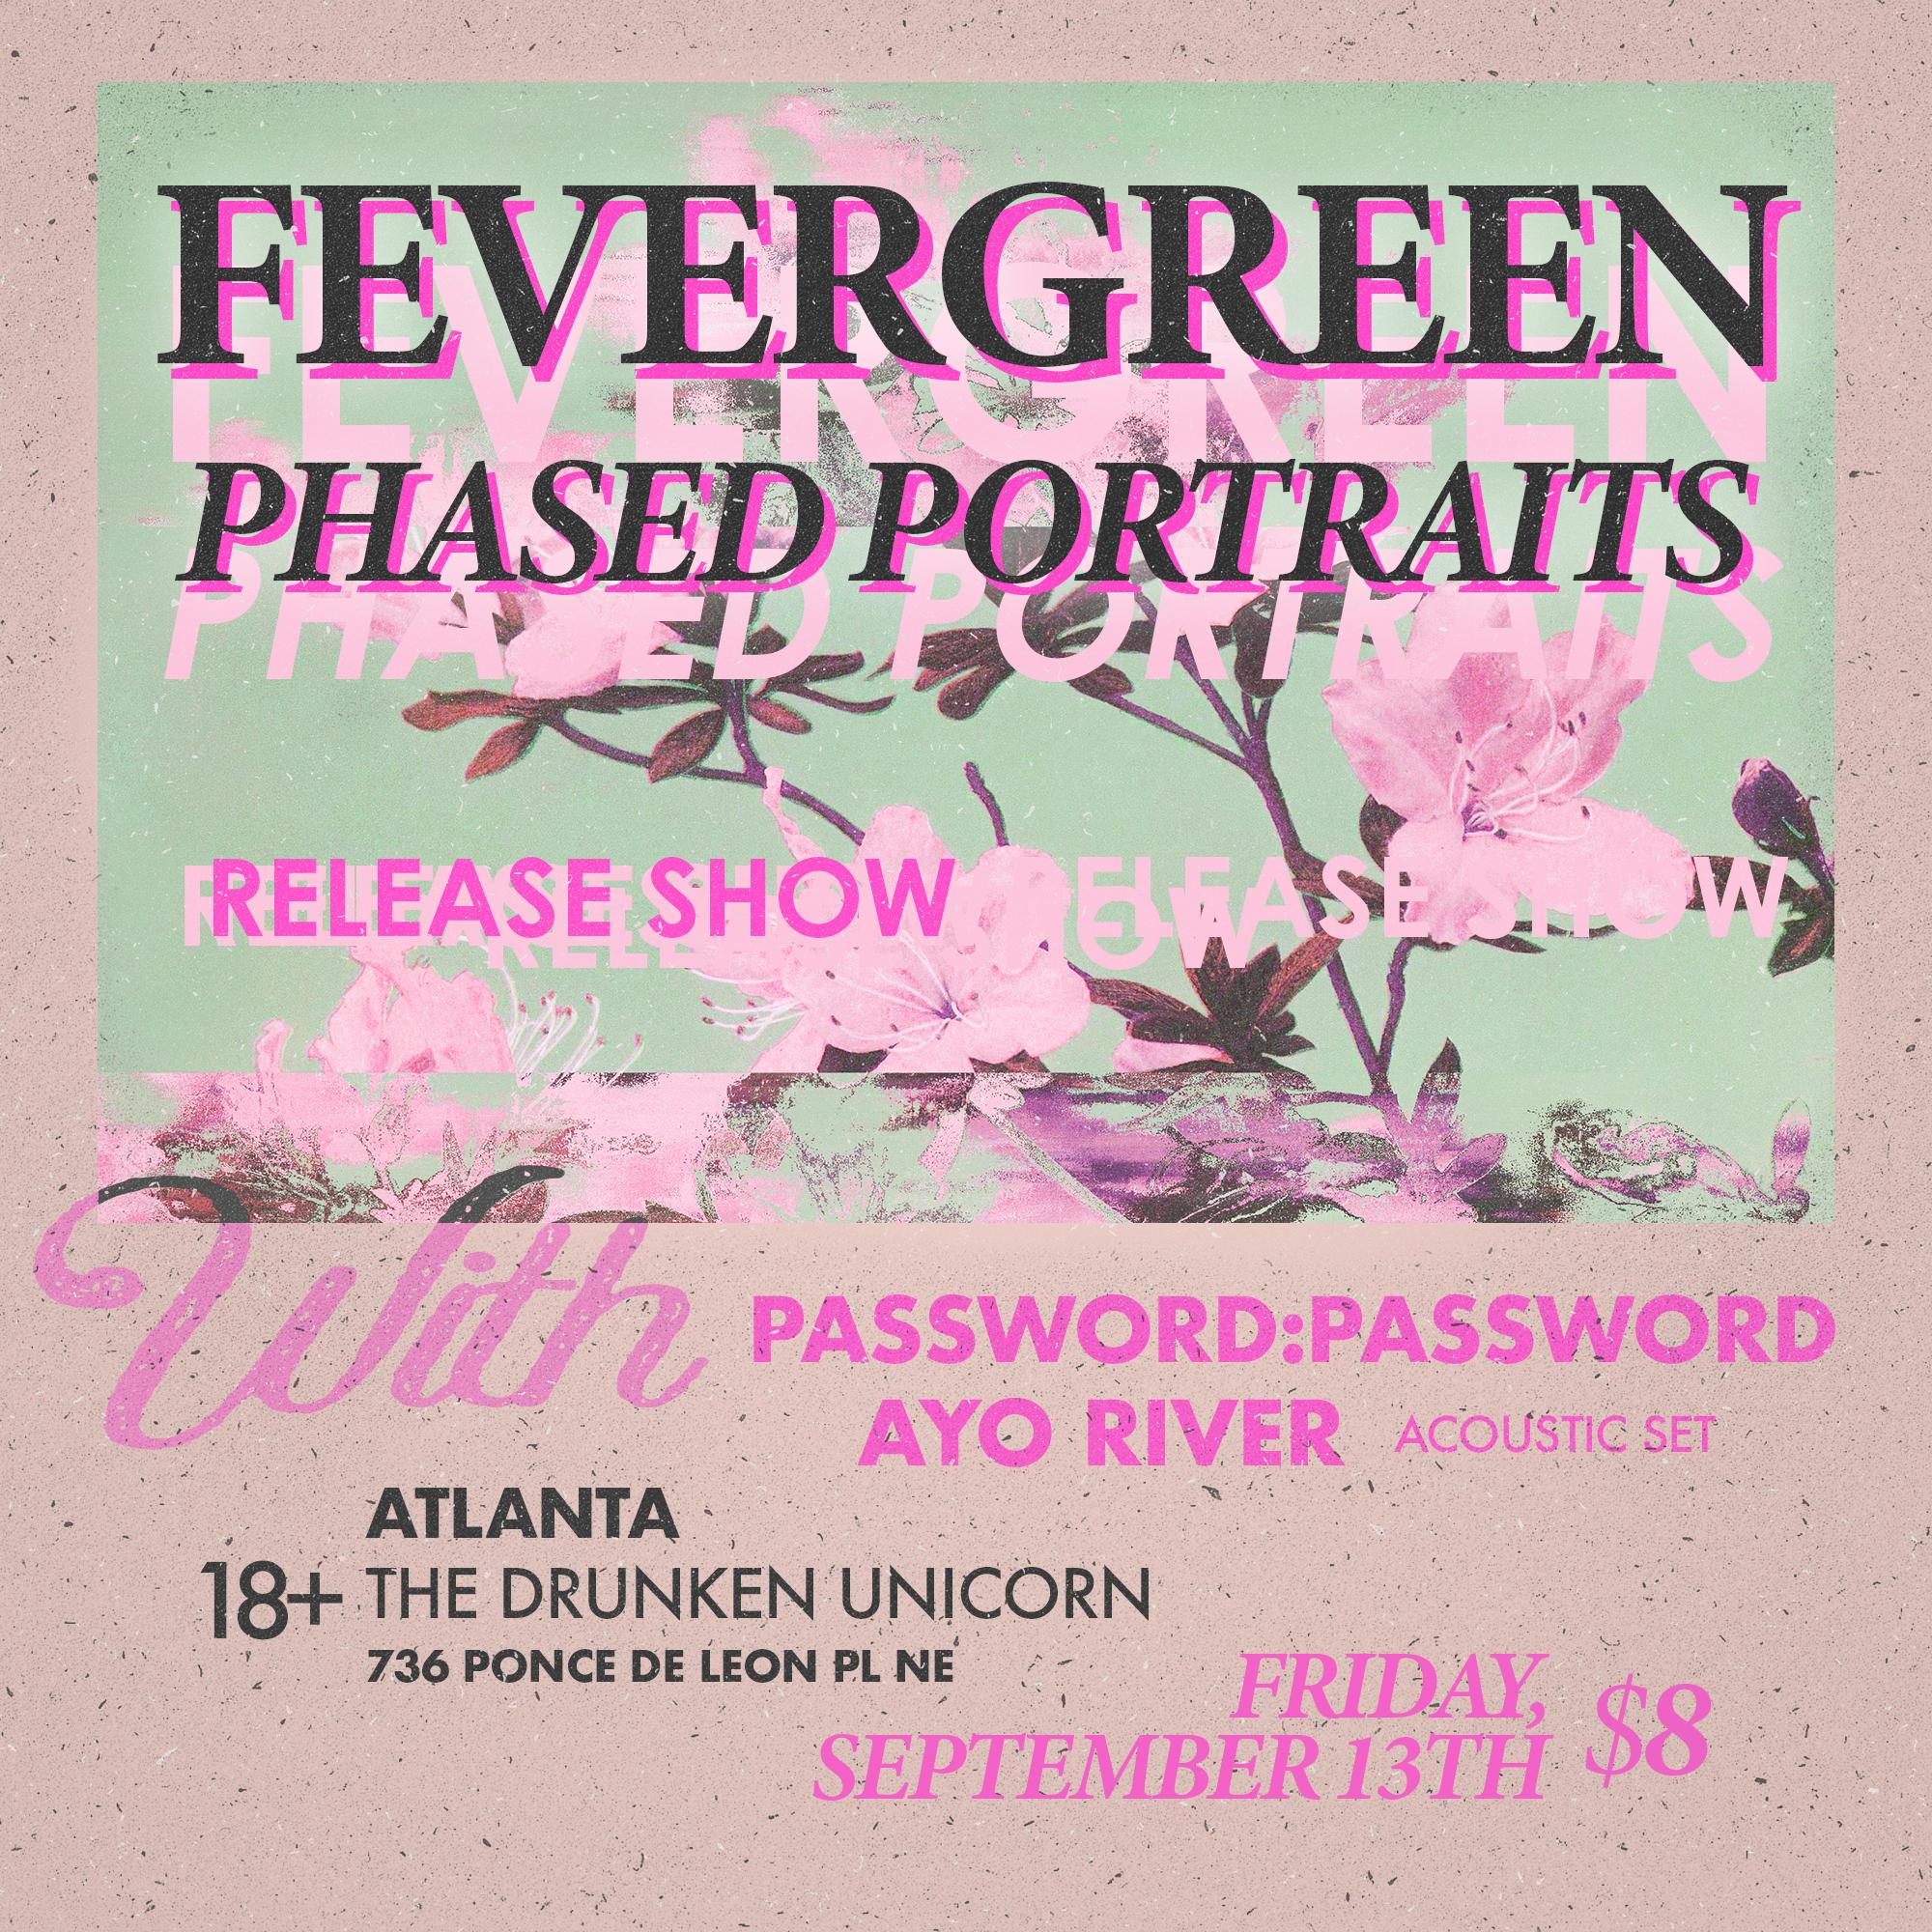 Fevergreen_Show_September13_Final.jpg